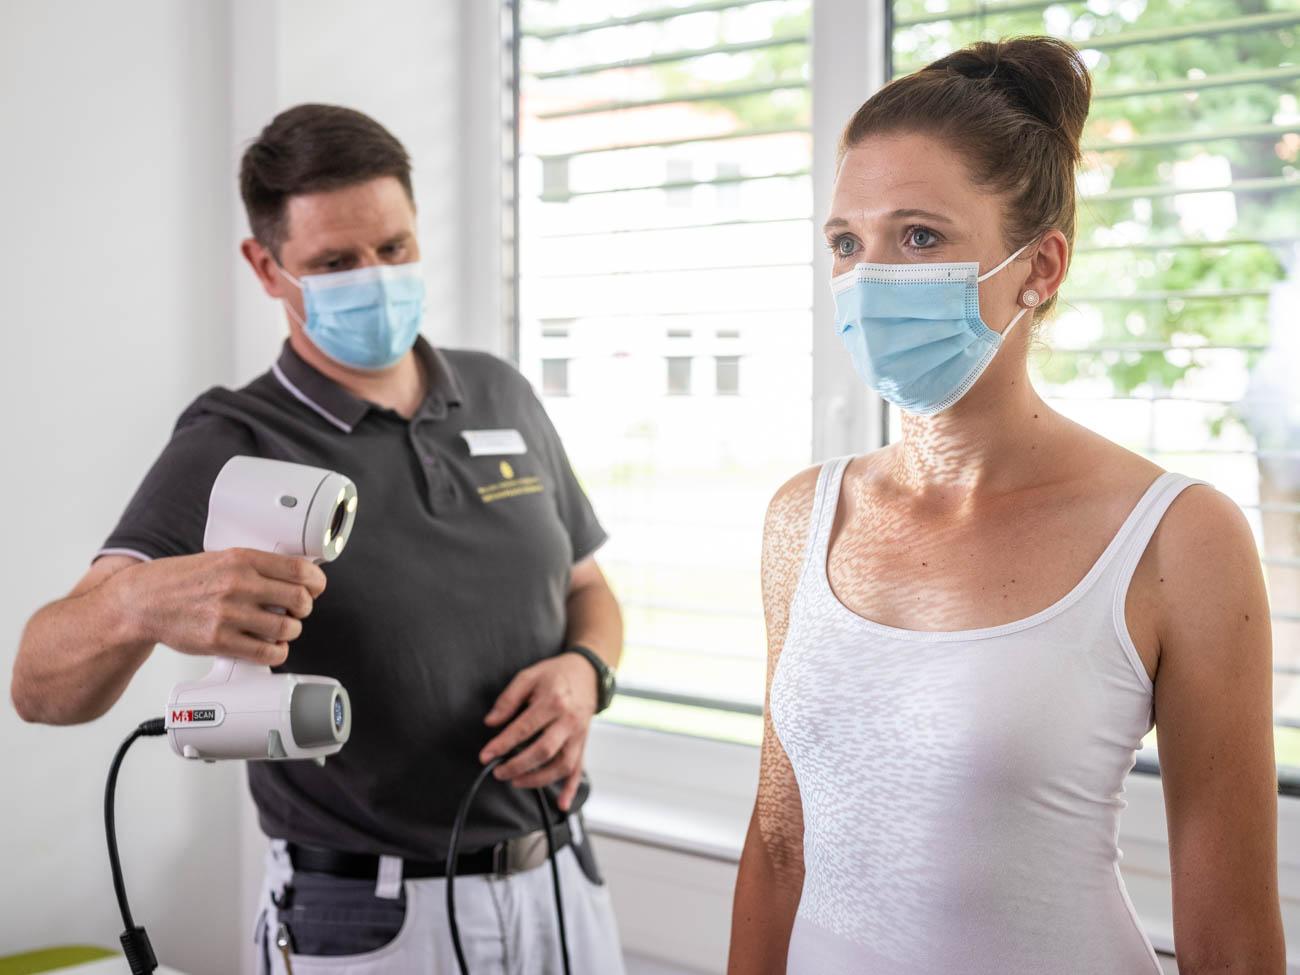 Mitarbeiter scannt Patientin mit Mundschutz DSF1089